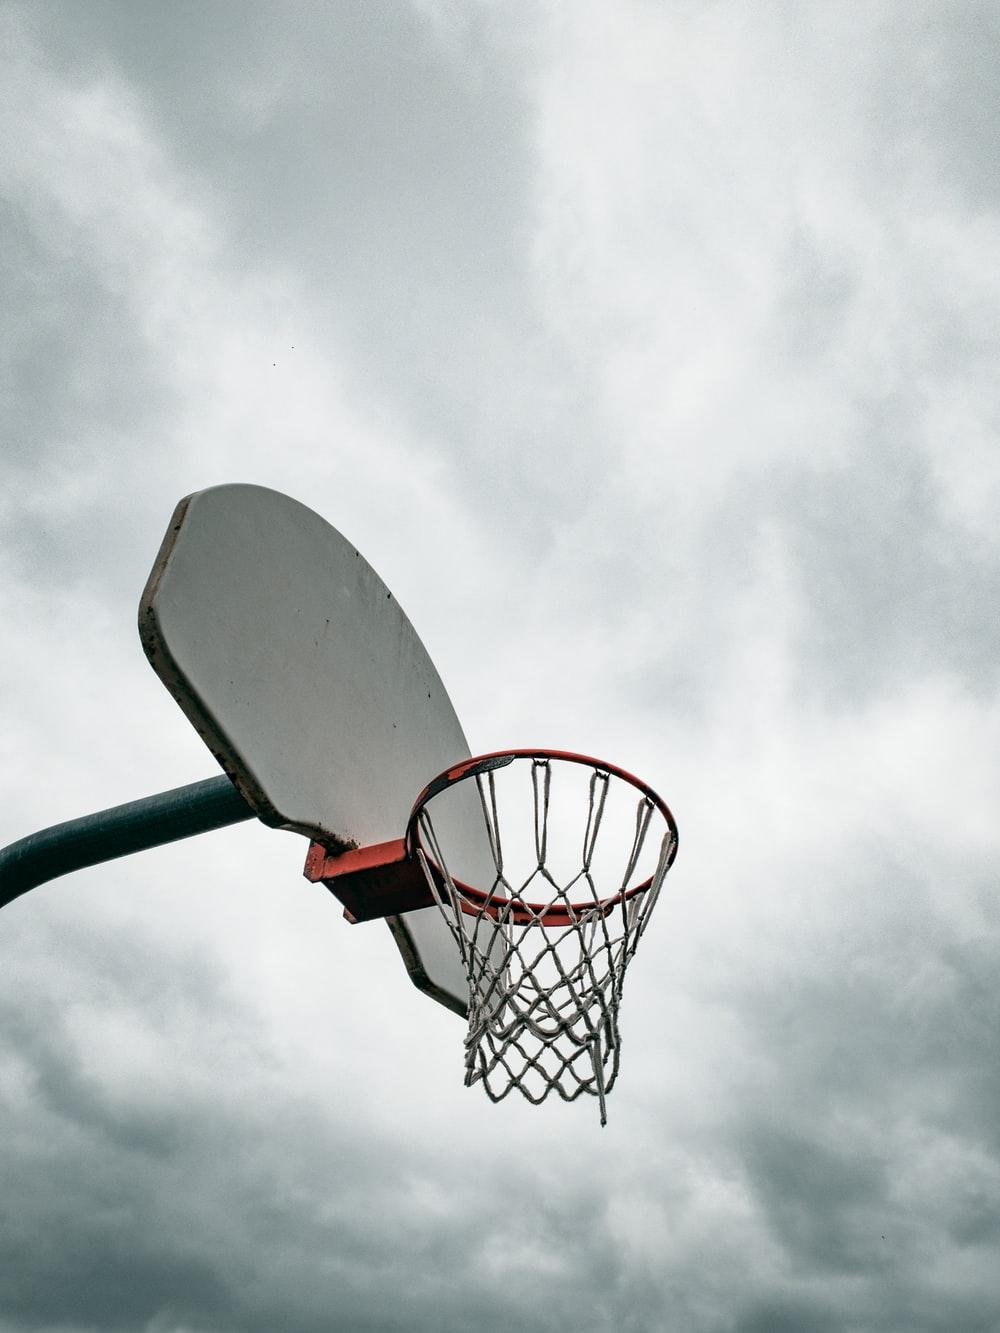 Hình ảnh bầu trời và rổ bóng rổ